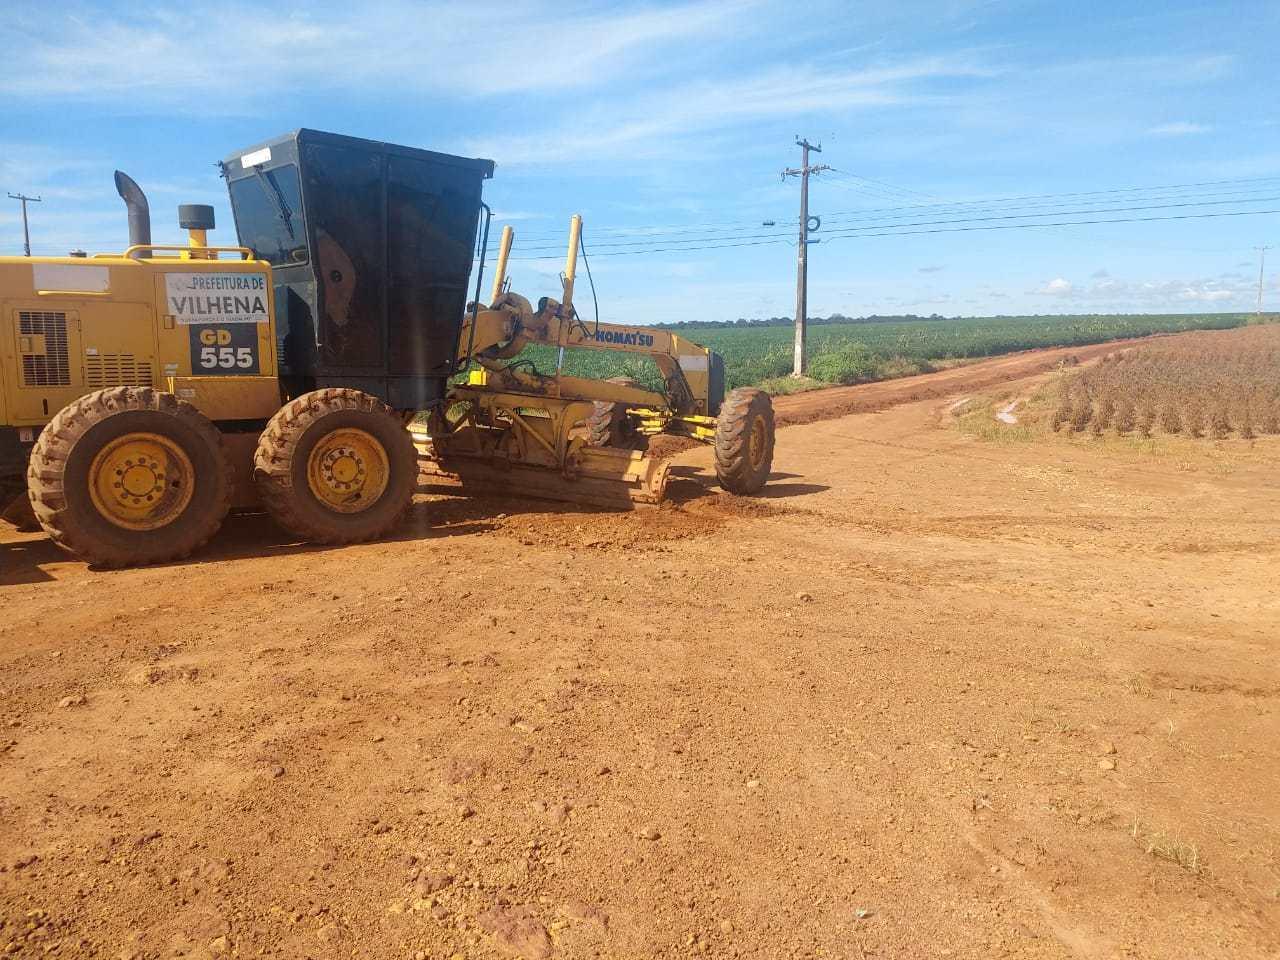 Prefeitura de Vilhena atende pedido do deputado Anderson realiza limpeza e patrolamento da estrada de acesso ao presídio Cone Sul